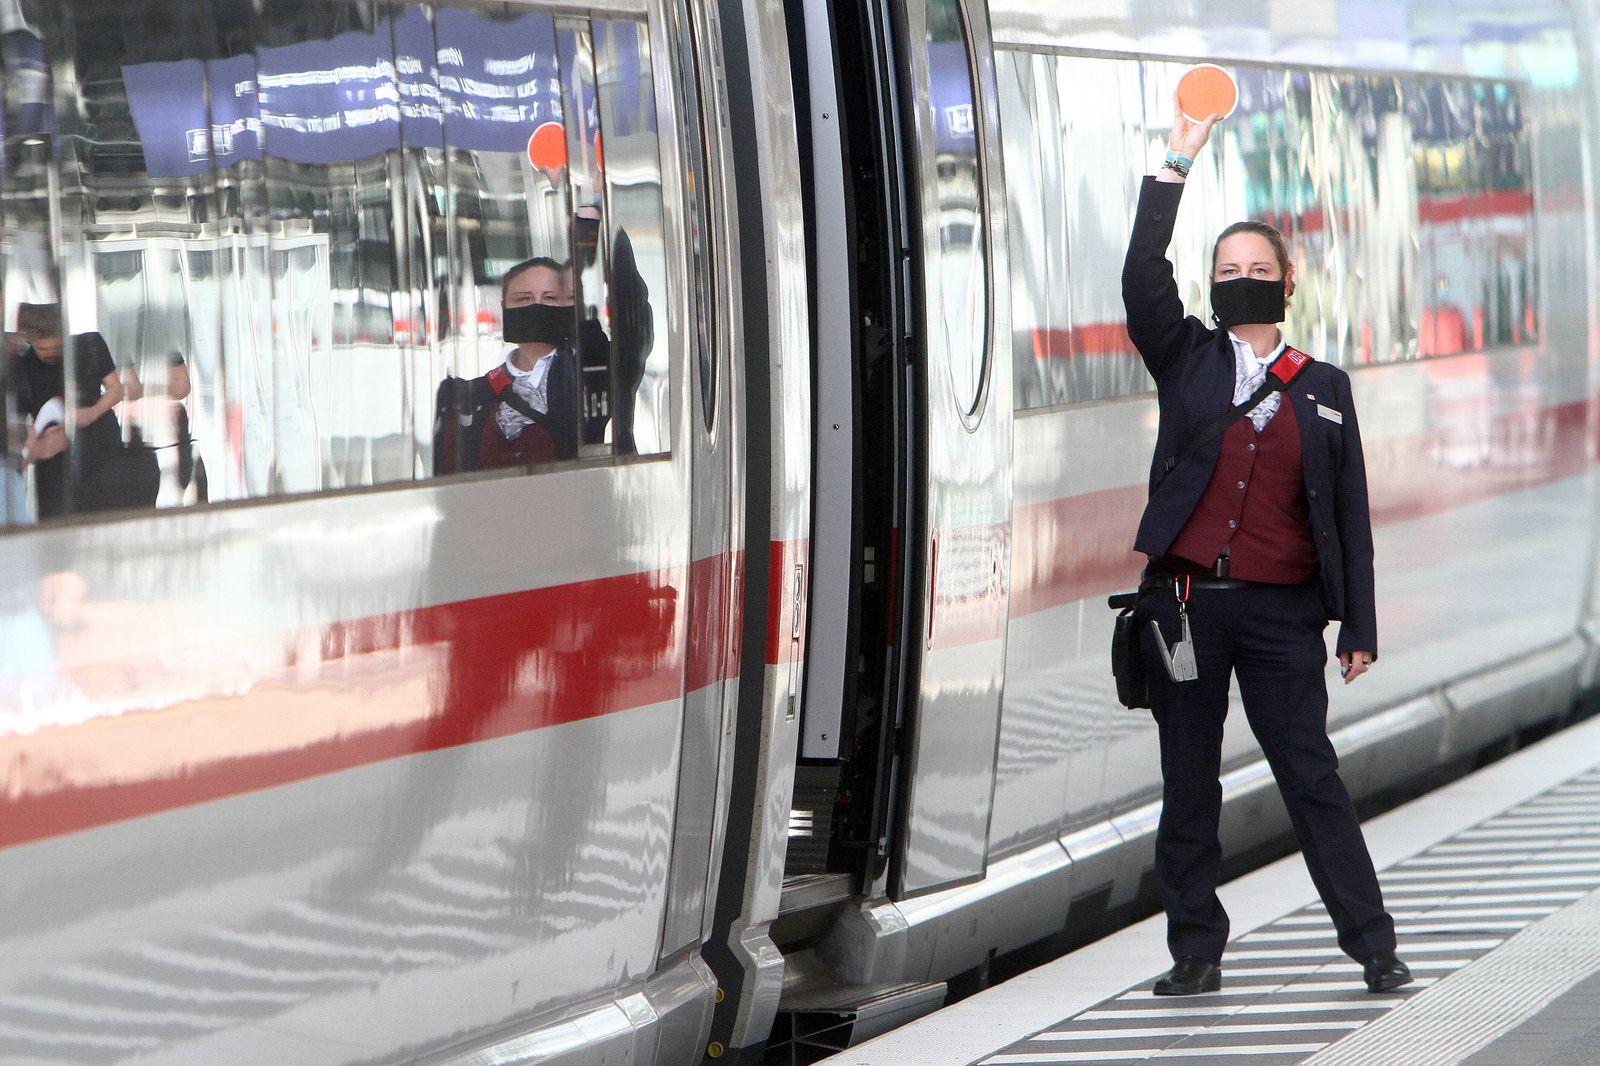 Zugbegleiterin der DB Deutsche n Bahn AG trâ?°gt wâ?°hrend der Zugabfertigung eines ICE eine Mund Nase Bedeckung im Hauptbah